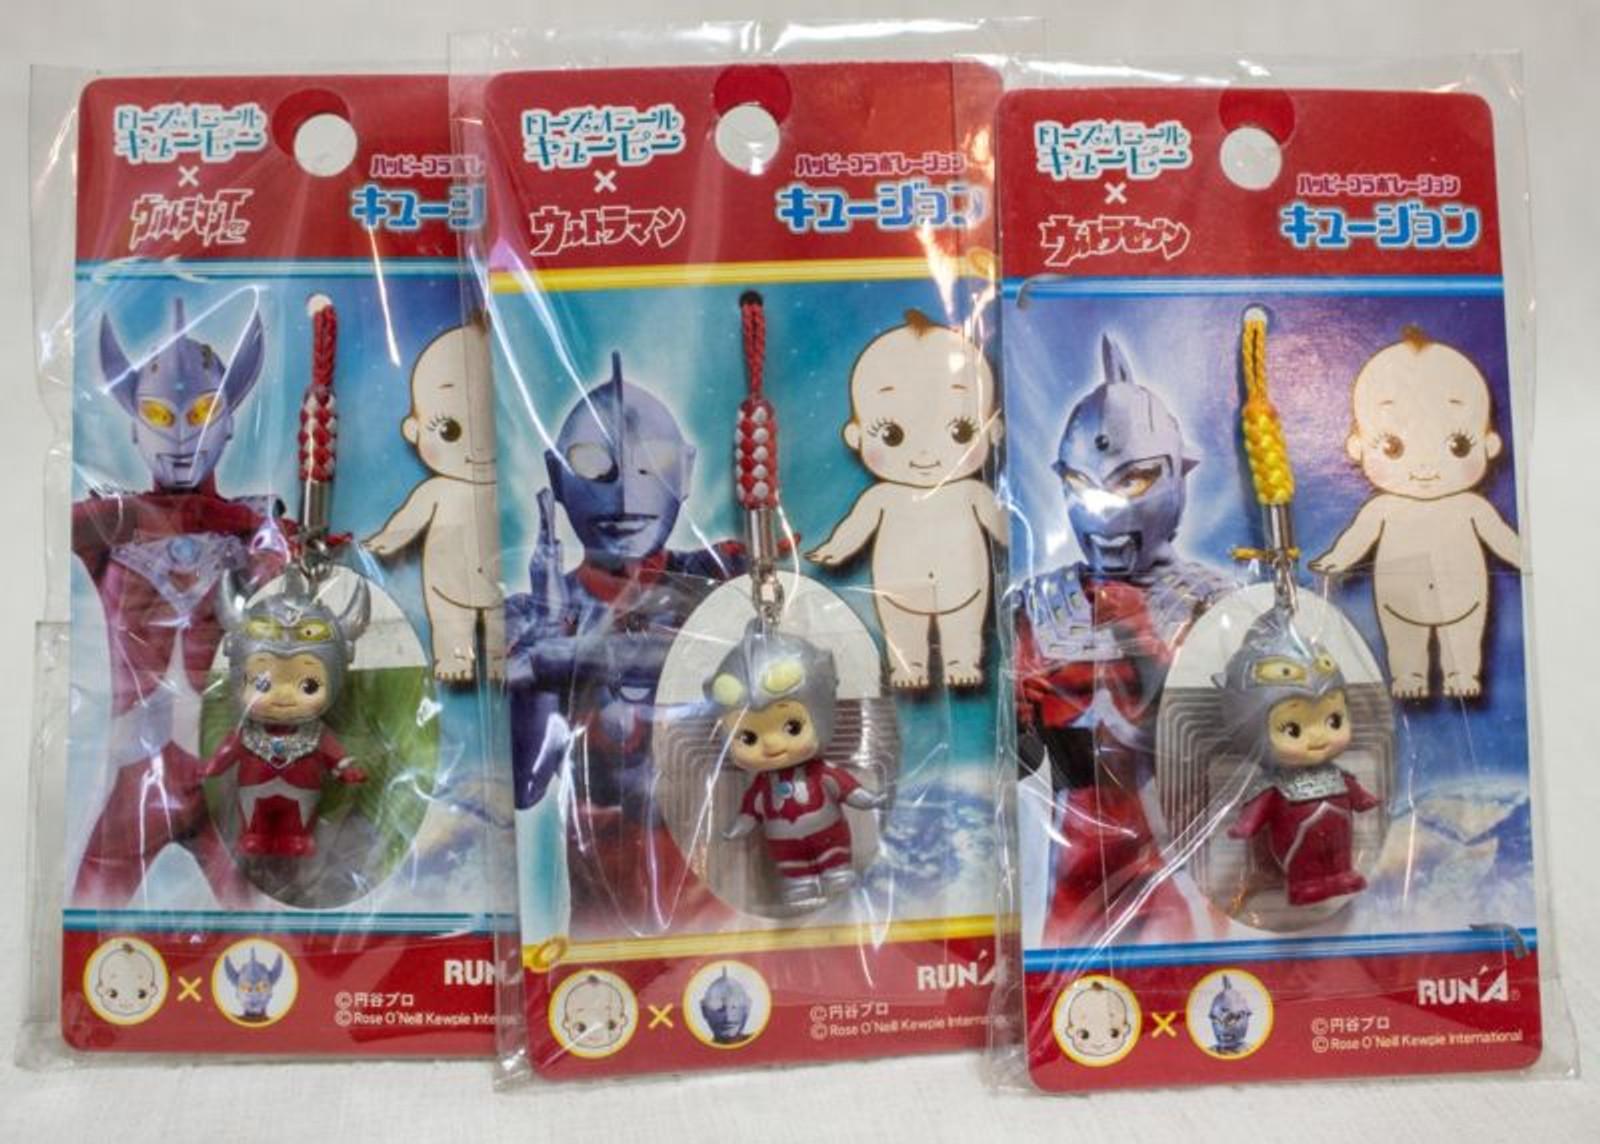 Set of 3 Ultraman Rose O'neill Kewpie Kewsion Figure Strap JAPAN ANIME